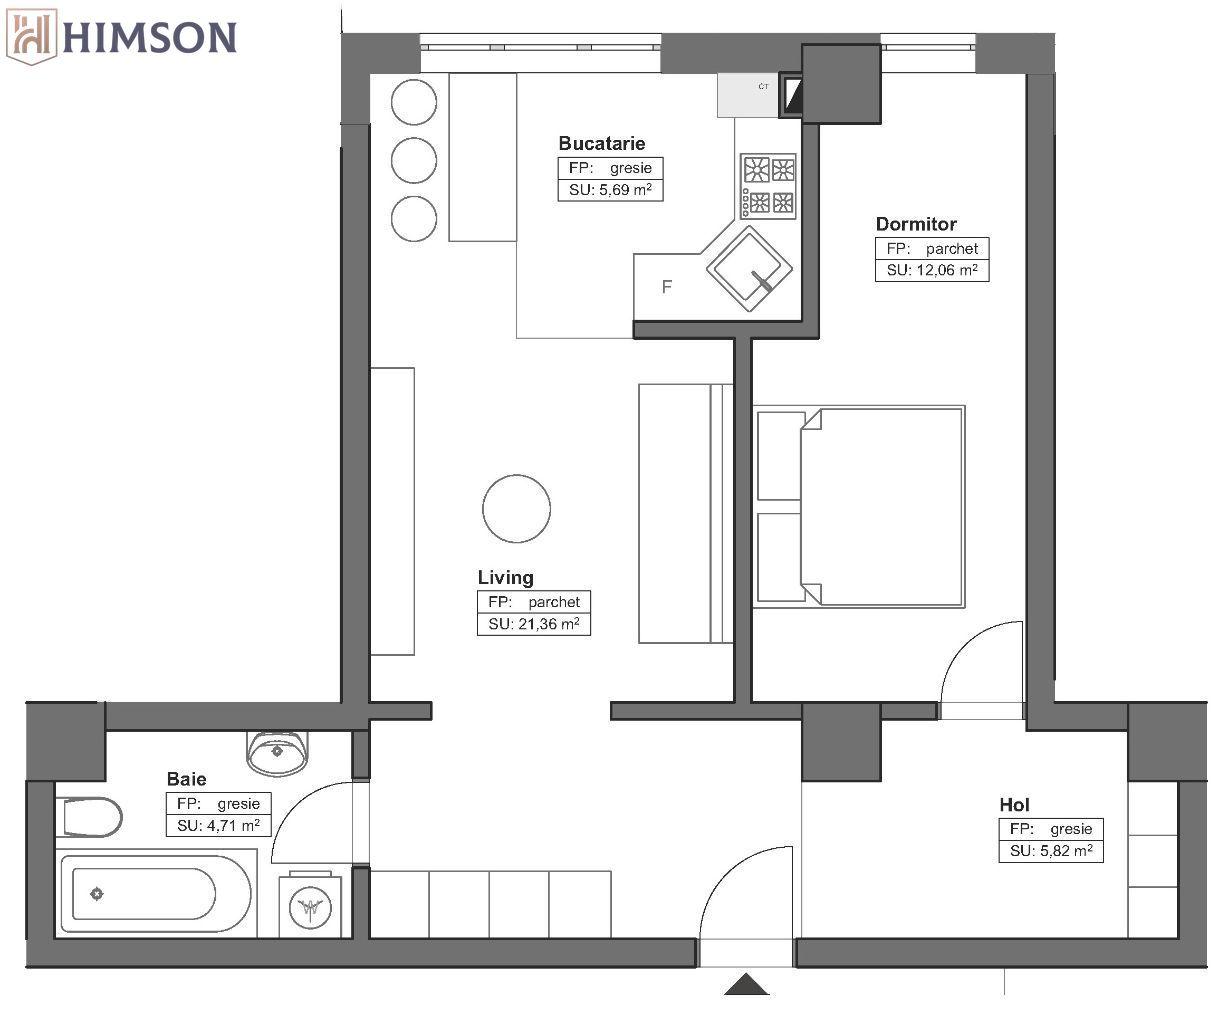 HIMSON - Apartamente 2 camere open space cu ferestre cortina